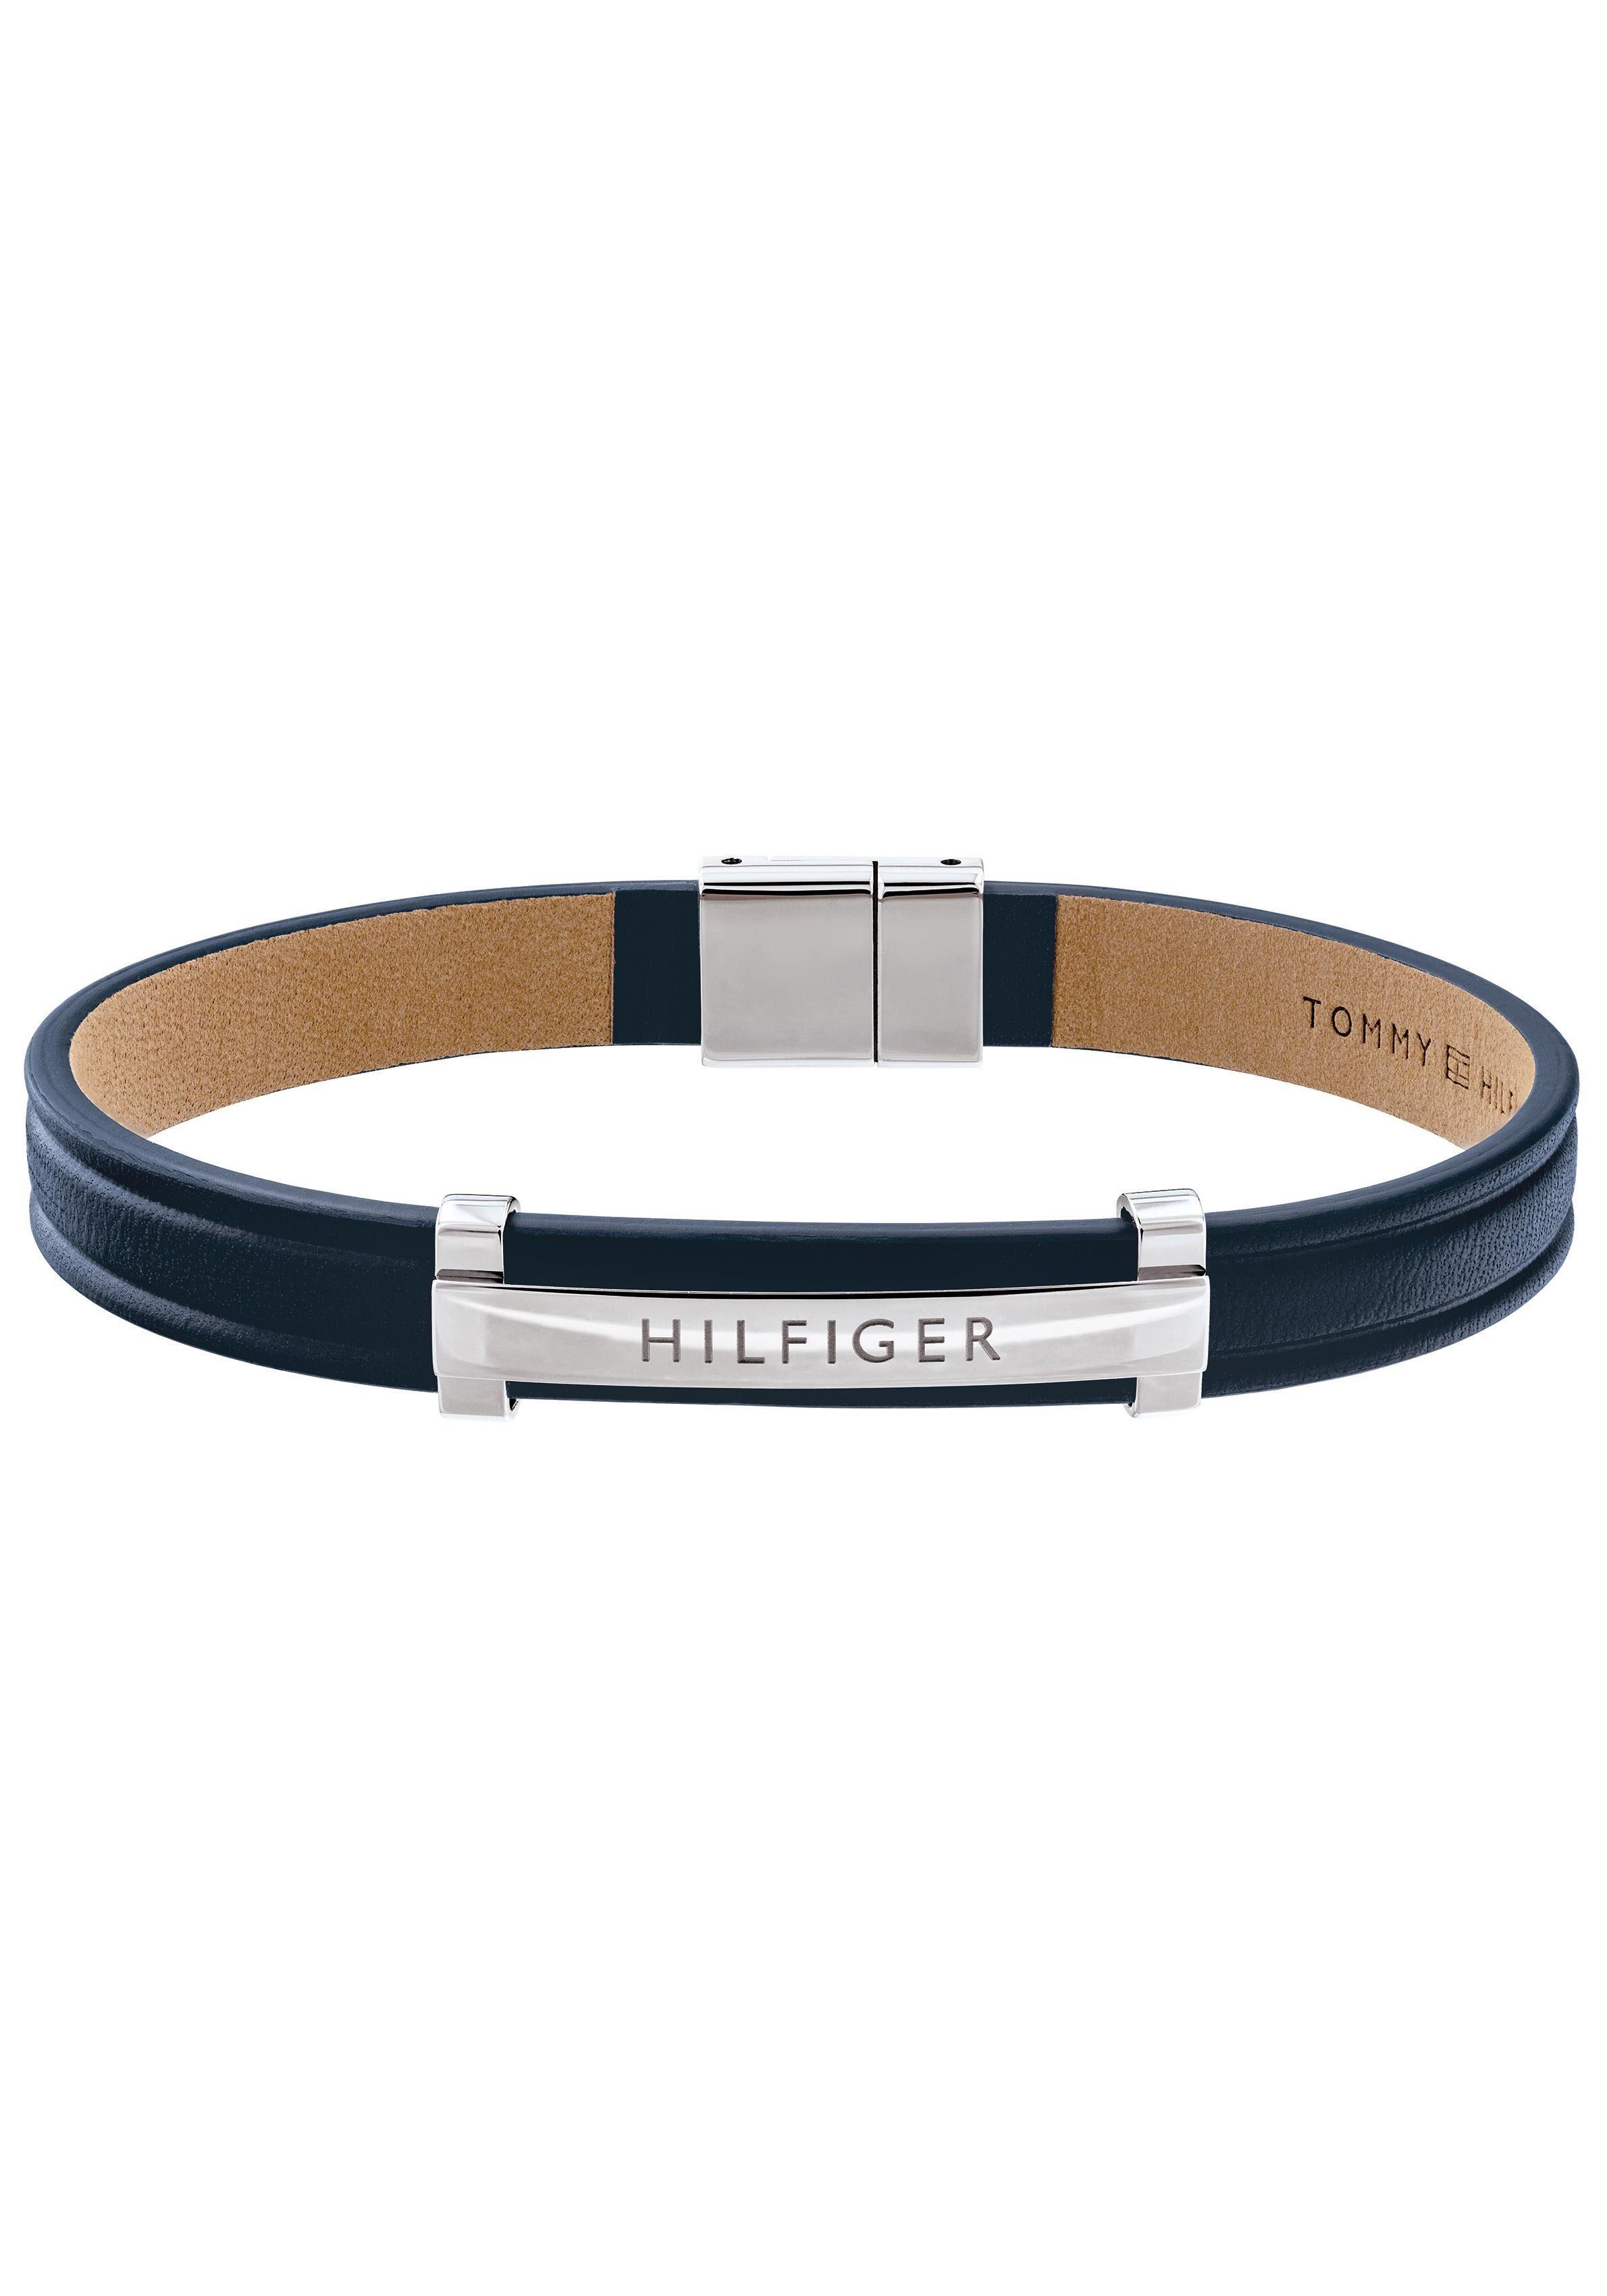 TOMMY HILFIGER Lederarmband DRESSED UP 2790160 | Schmuck > Armbänder > Lederarmbänder | Blau | Tommy Hilfiger